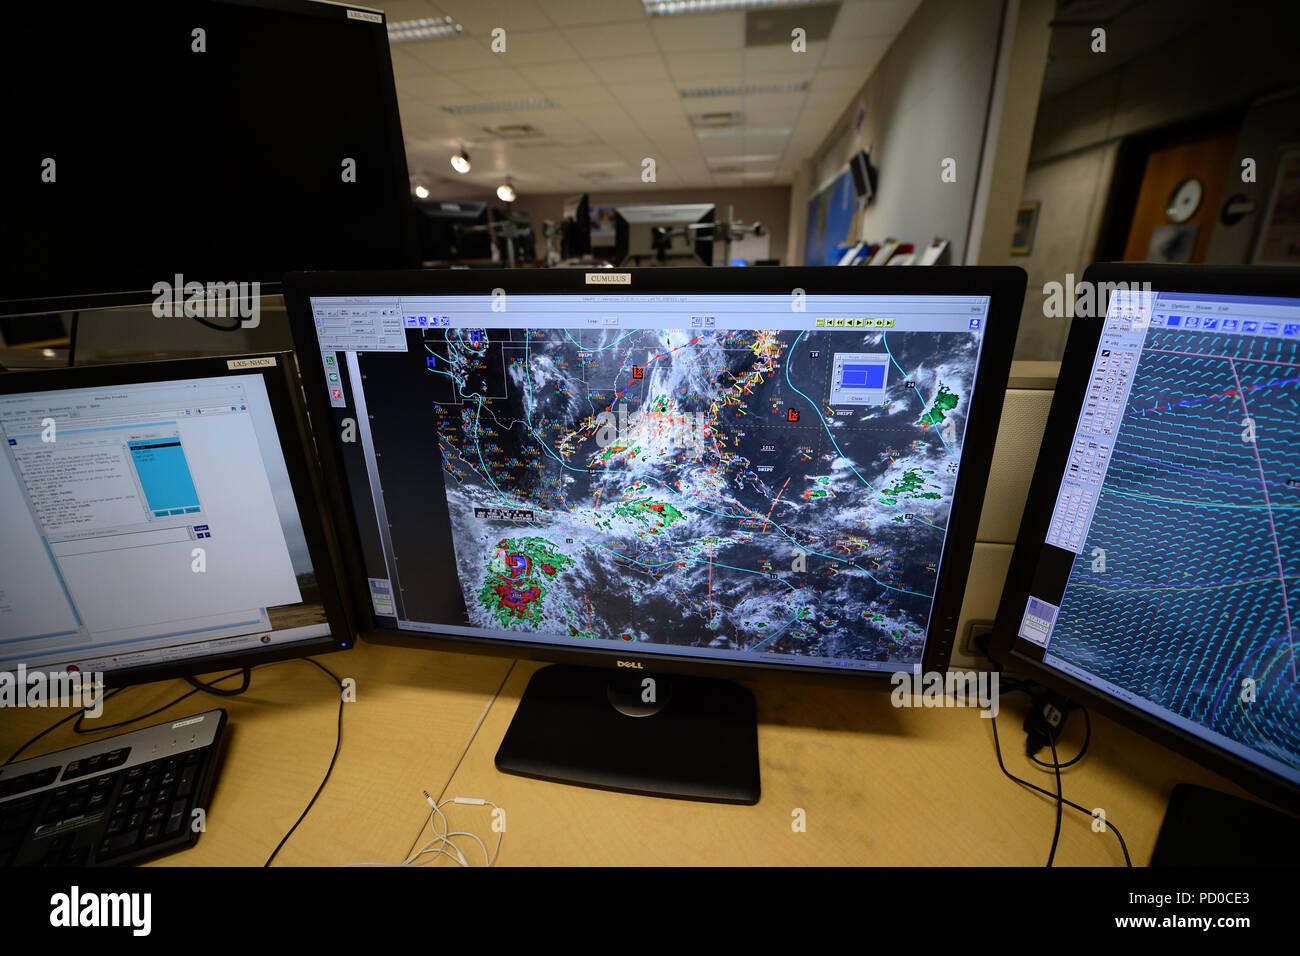 MIAMI, FL - Juni 01: (NY TAGESZEITUNGEN OUT) Direktor Rick Knabb, Ph. D der NOAA's National Hurricane Center Gastgeber einer Pressekonferenz der offizielle Start der atlantischen Hurrikansaison am 1. Juni 2015 in Miami Florida Personen zu markieren: Atmosphäre Stockfoto